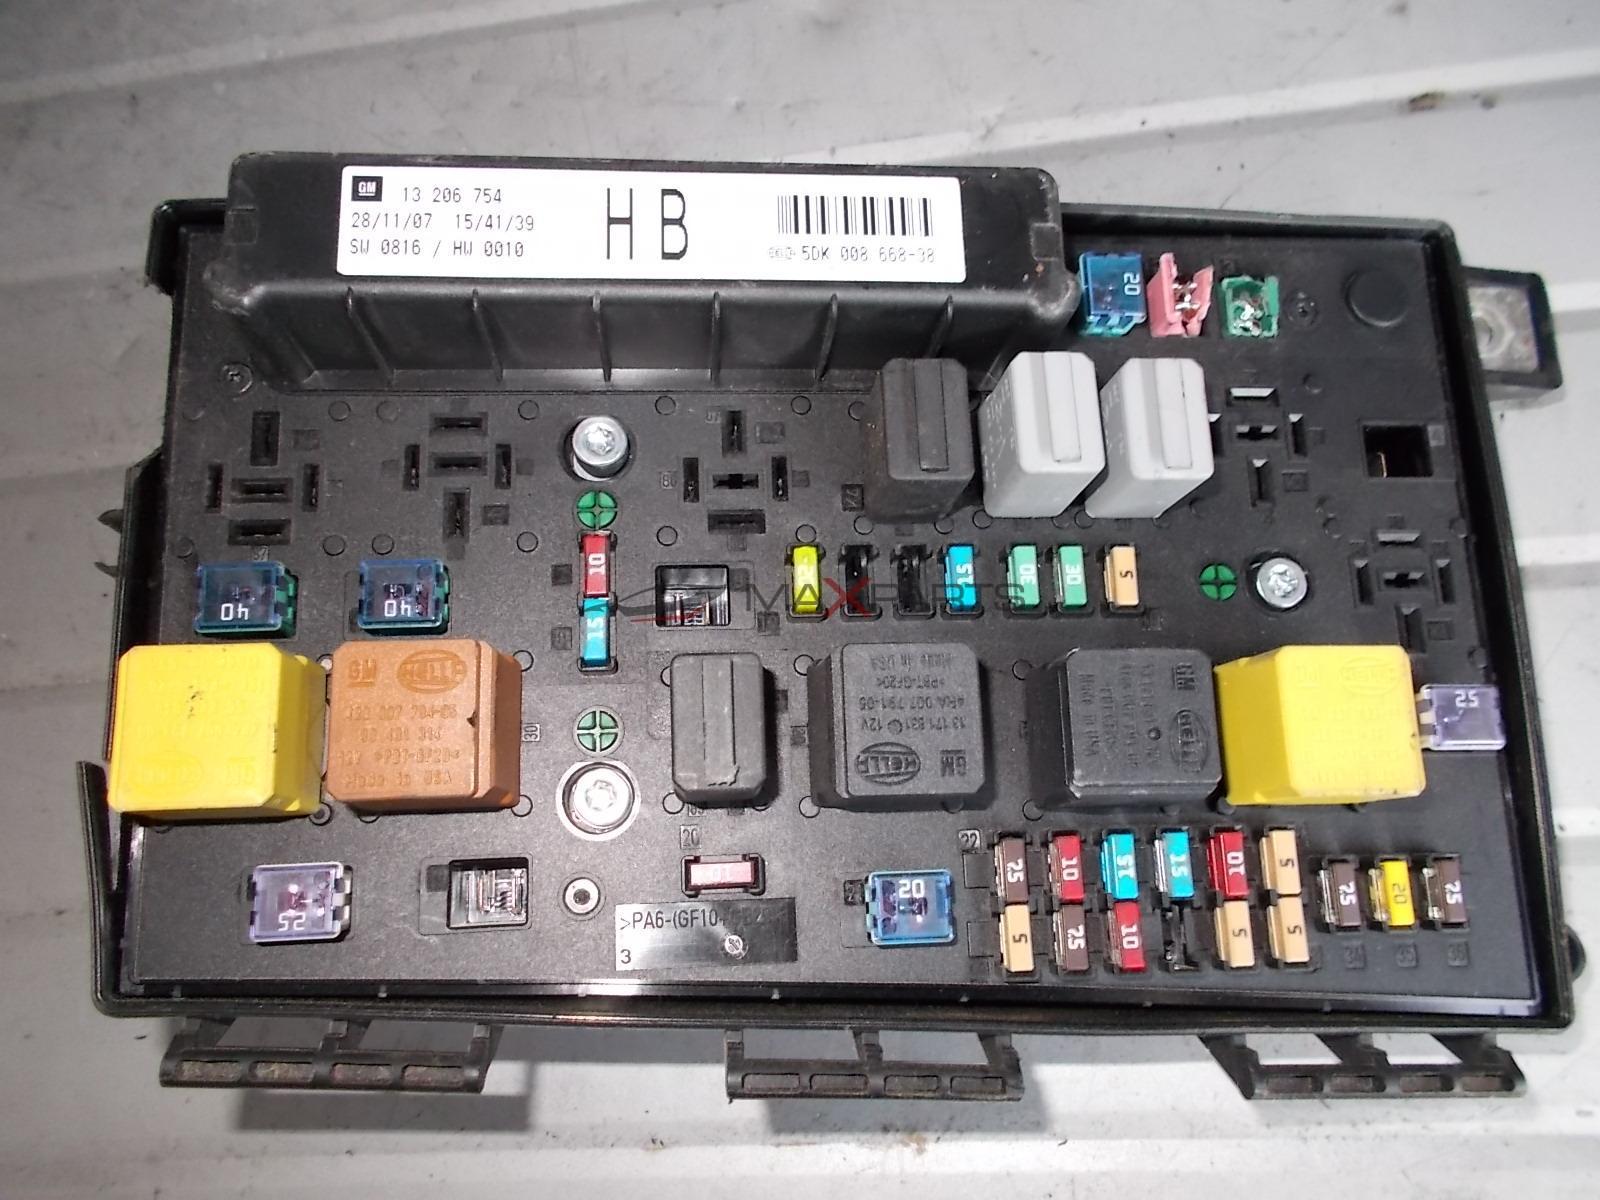 Zafira B Fuse Box Layout on circuit breaker box layout, display box layout, panel box layout, control box layout, battery box layout,